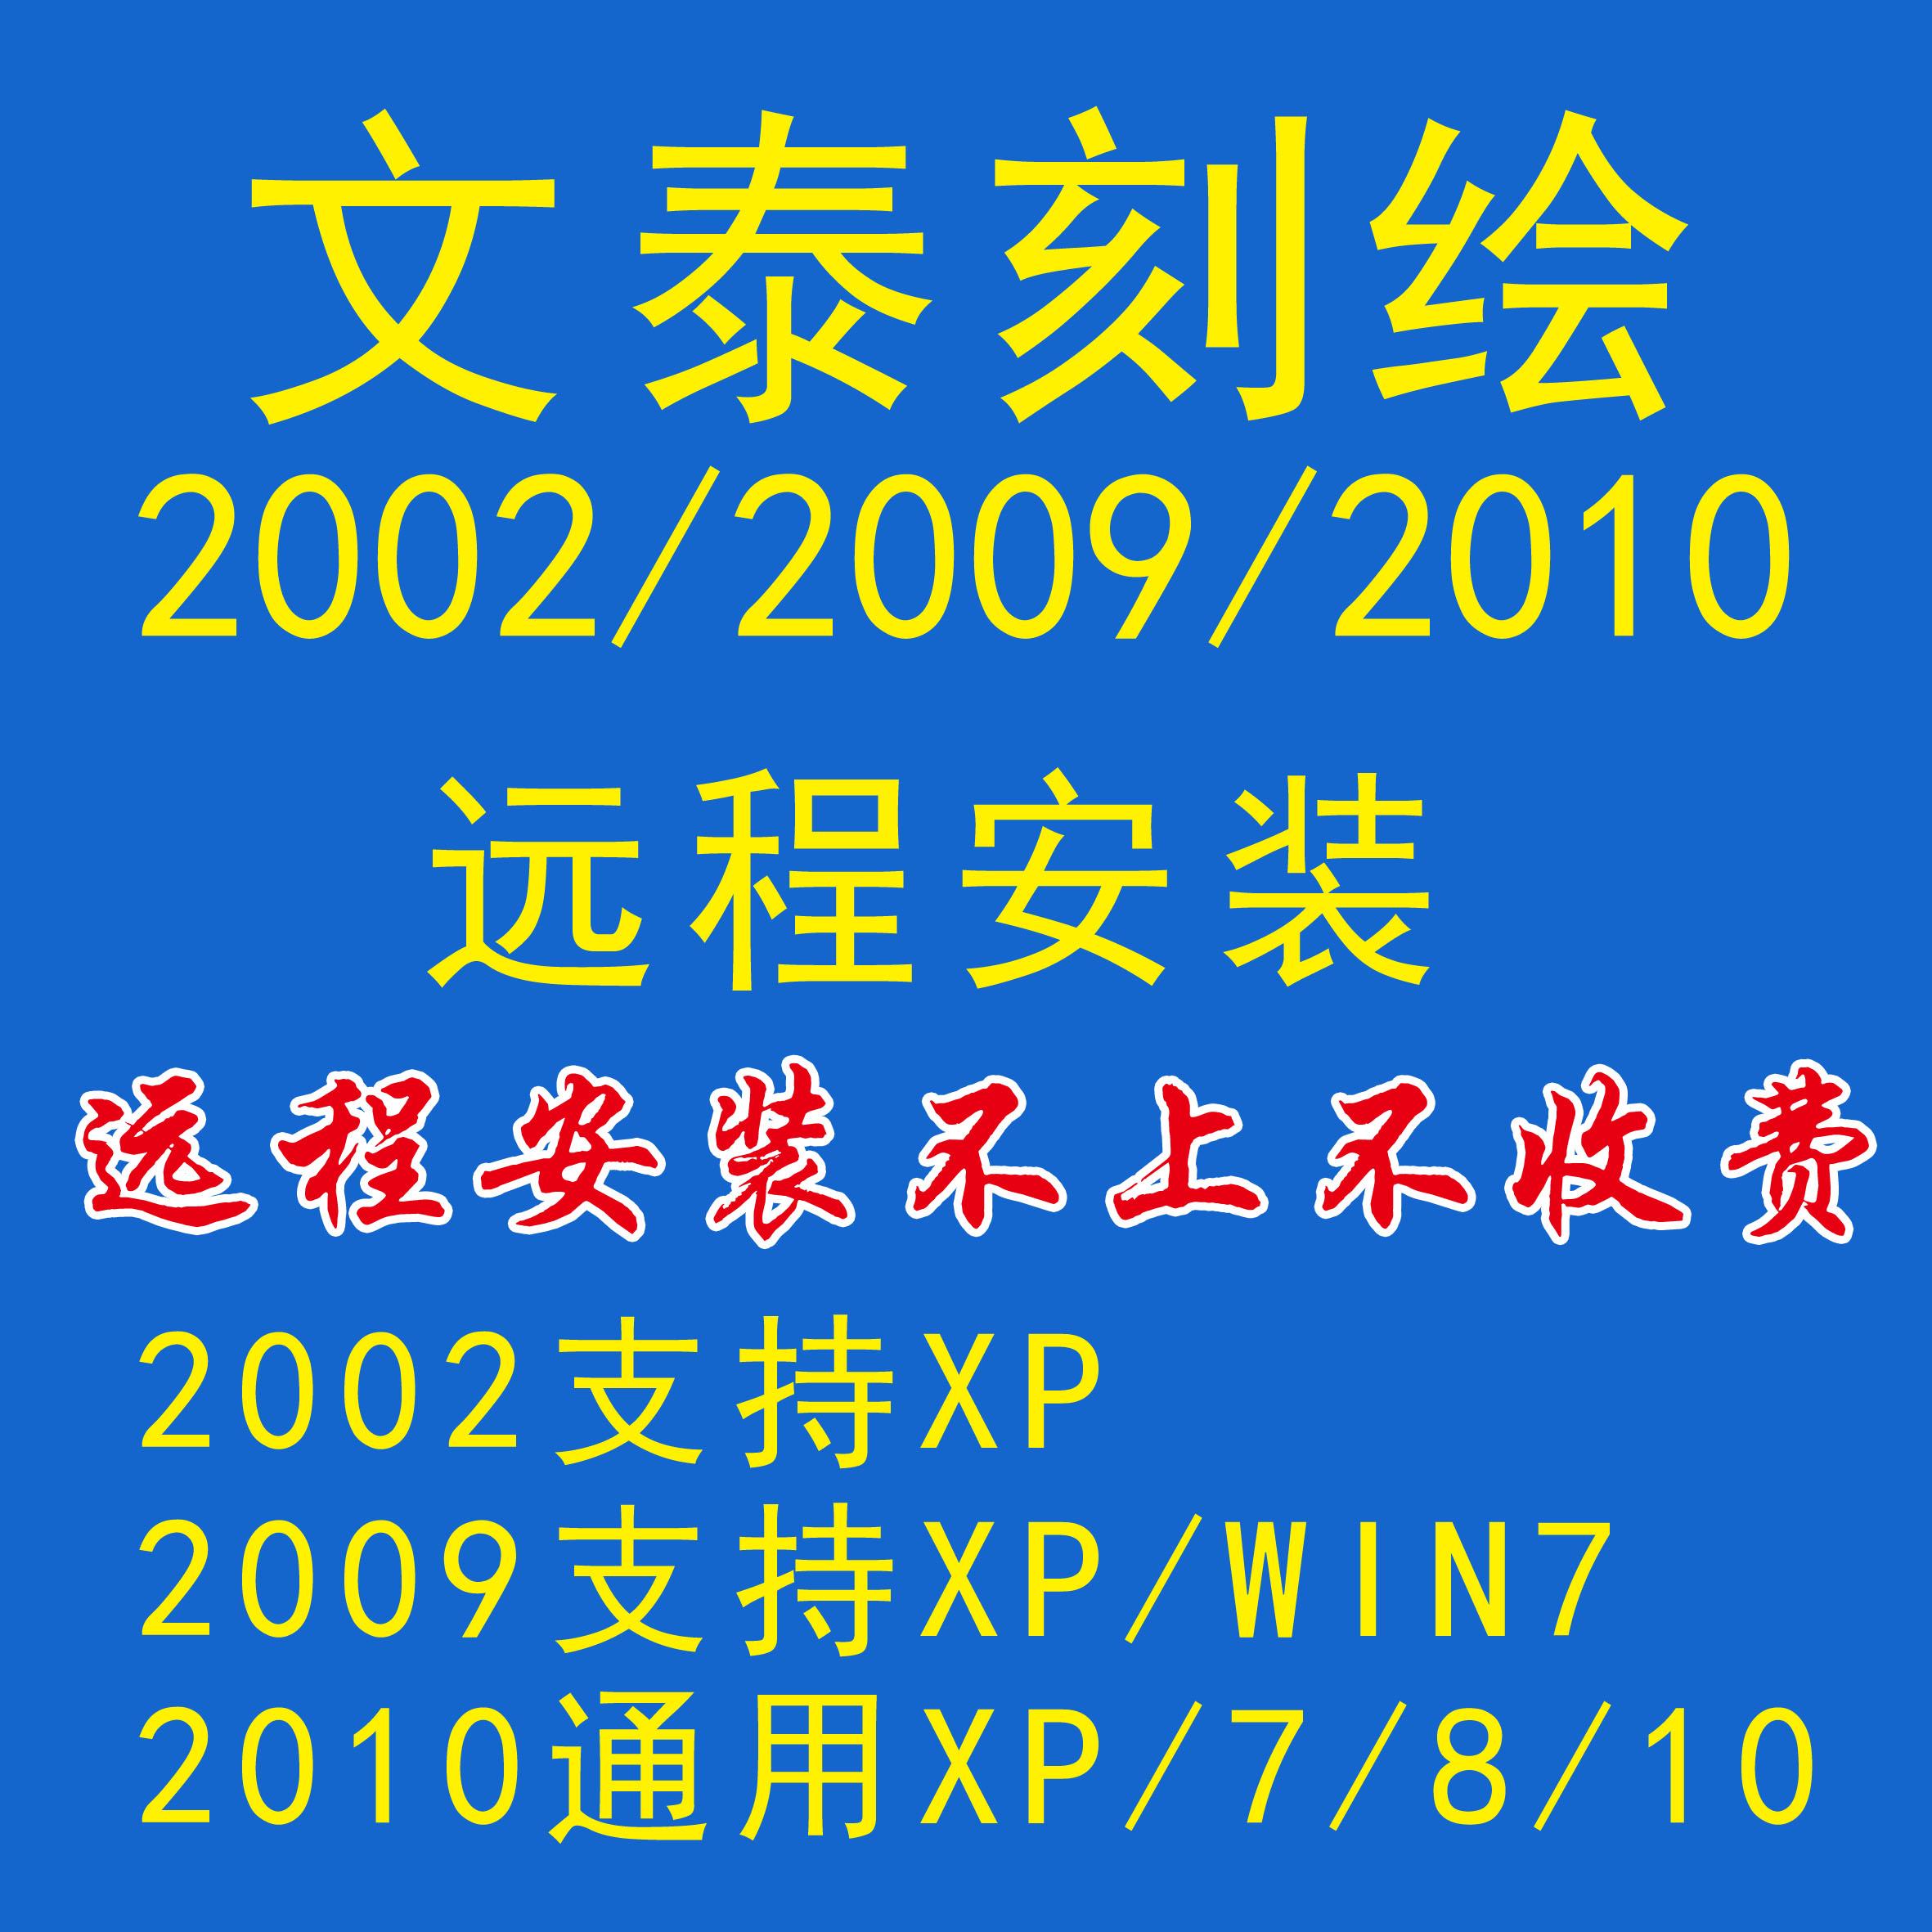 Культура тайский гравировка окрашенный 2009 культура тайский программное обеспечение 2010 культура тайский 2002 надпись машинально программное обеспечение содержать тысячелетие инжир склад удаленный установка